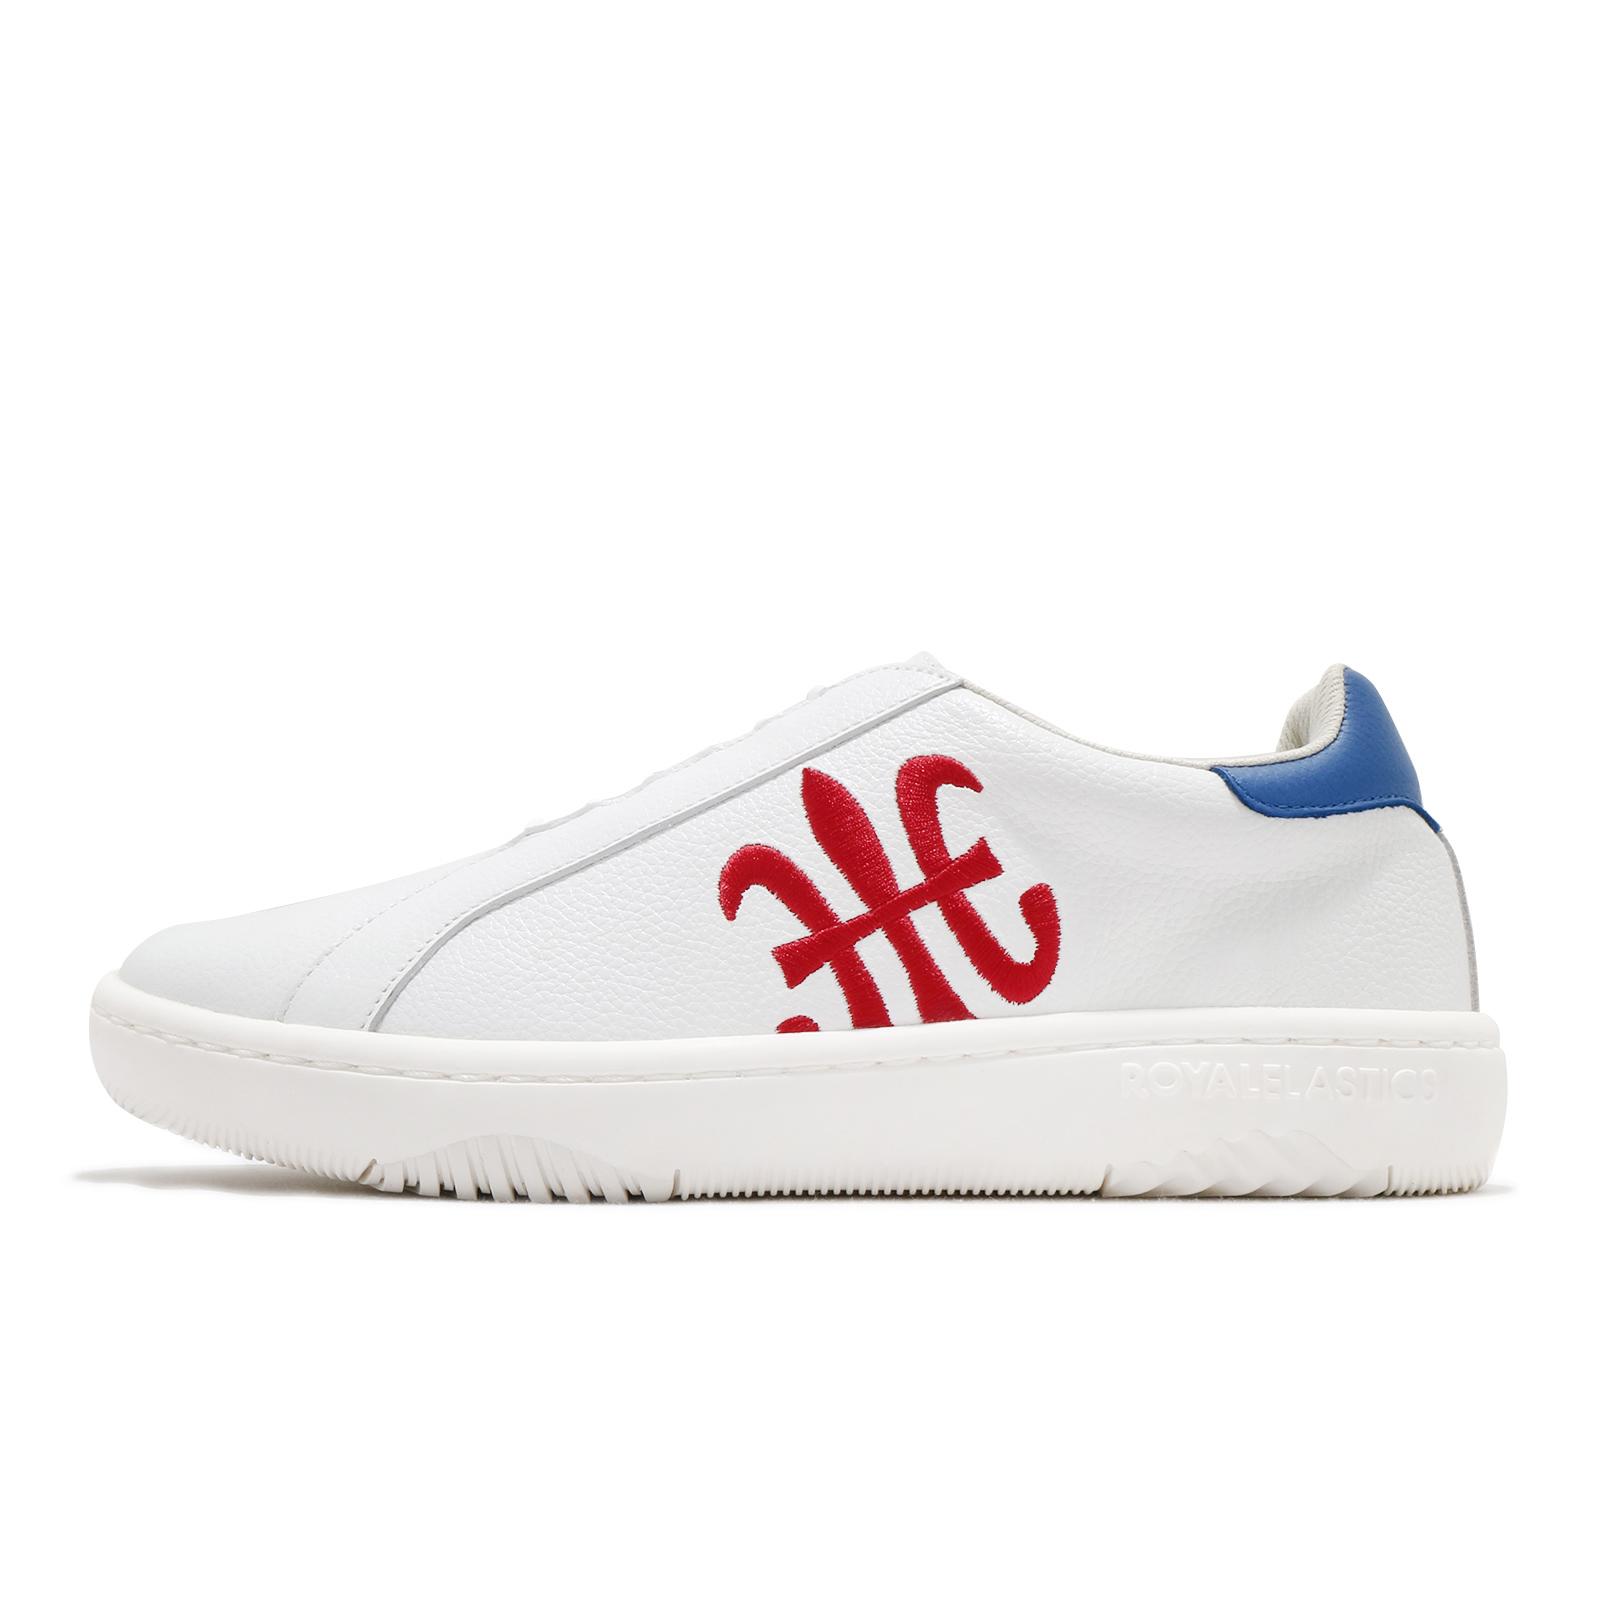 Royal Elastics 休閒鞋 Astre 白 藍 男鞋【ACS】 06902-015